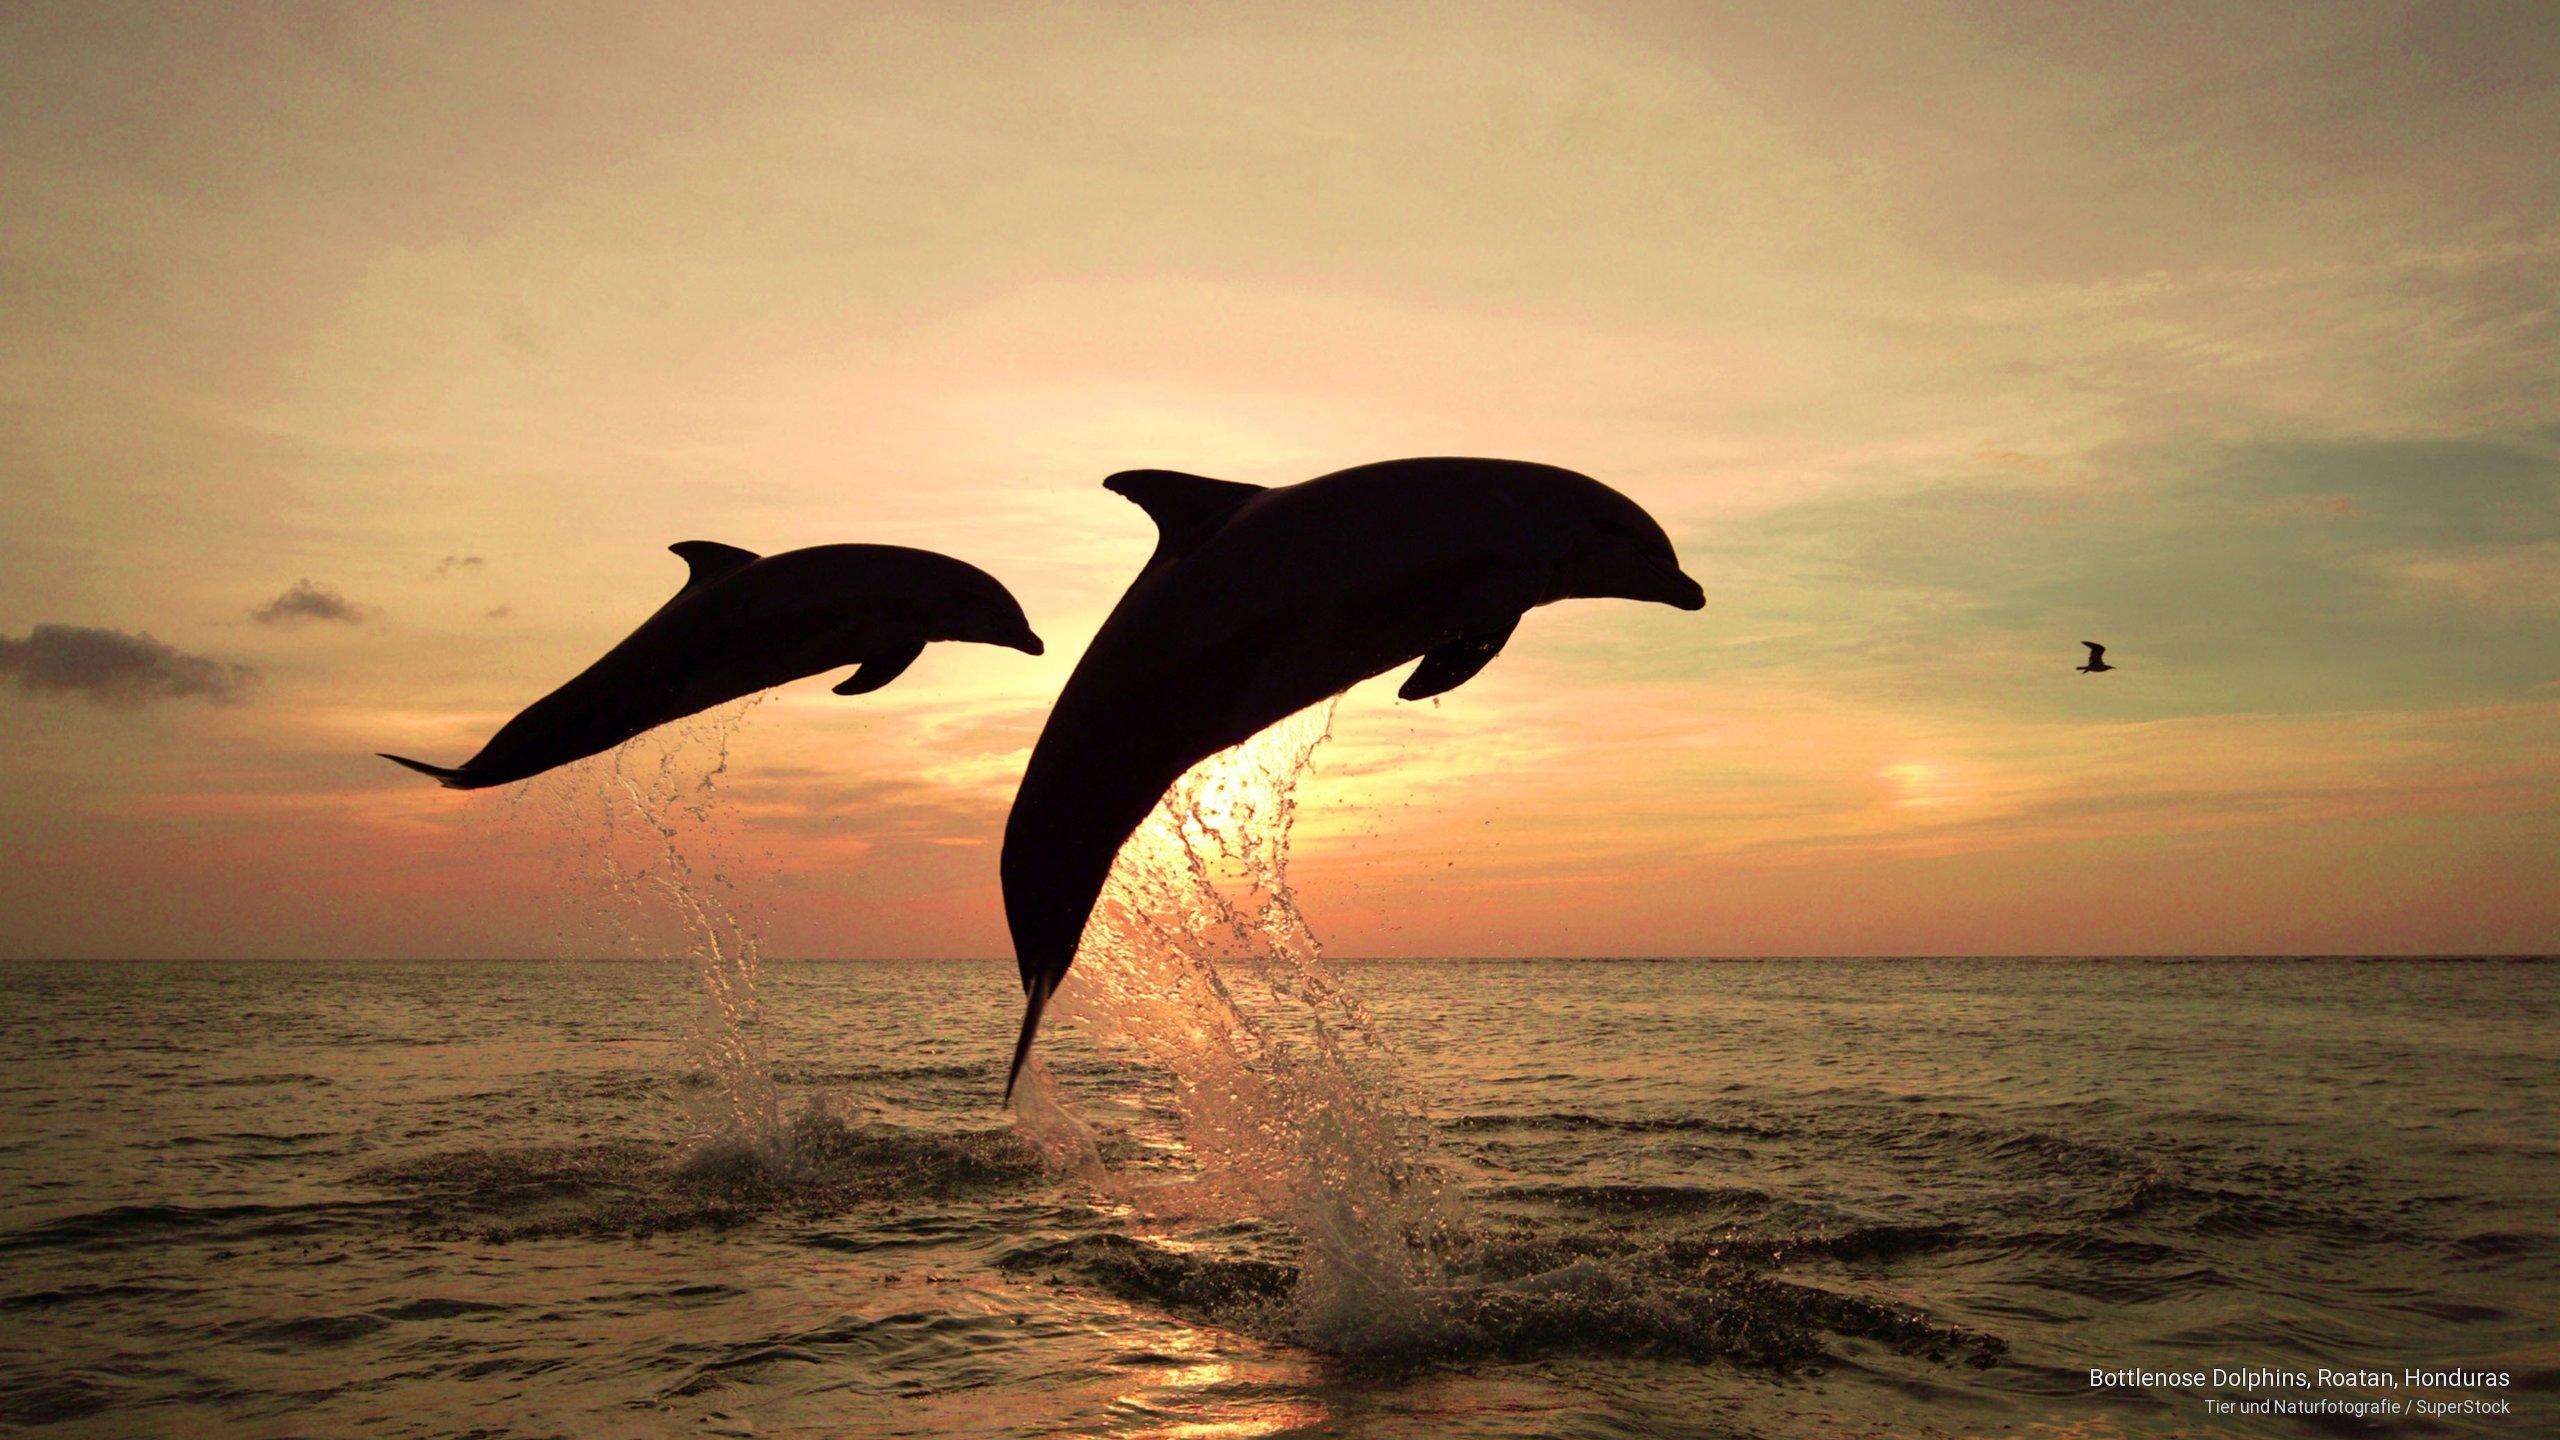 Bottlenose Dolphins, Roatan, Honduras